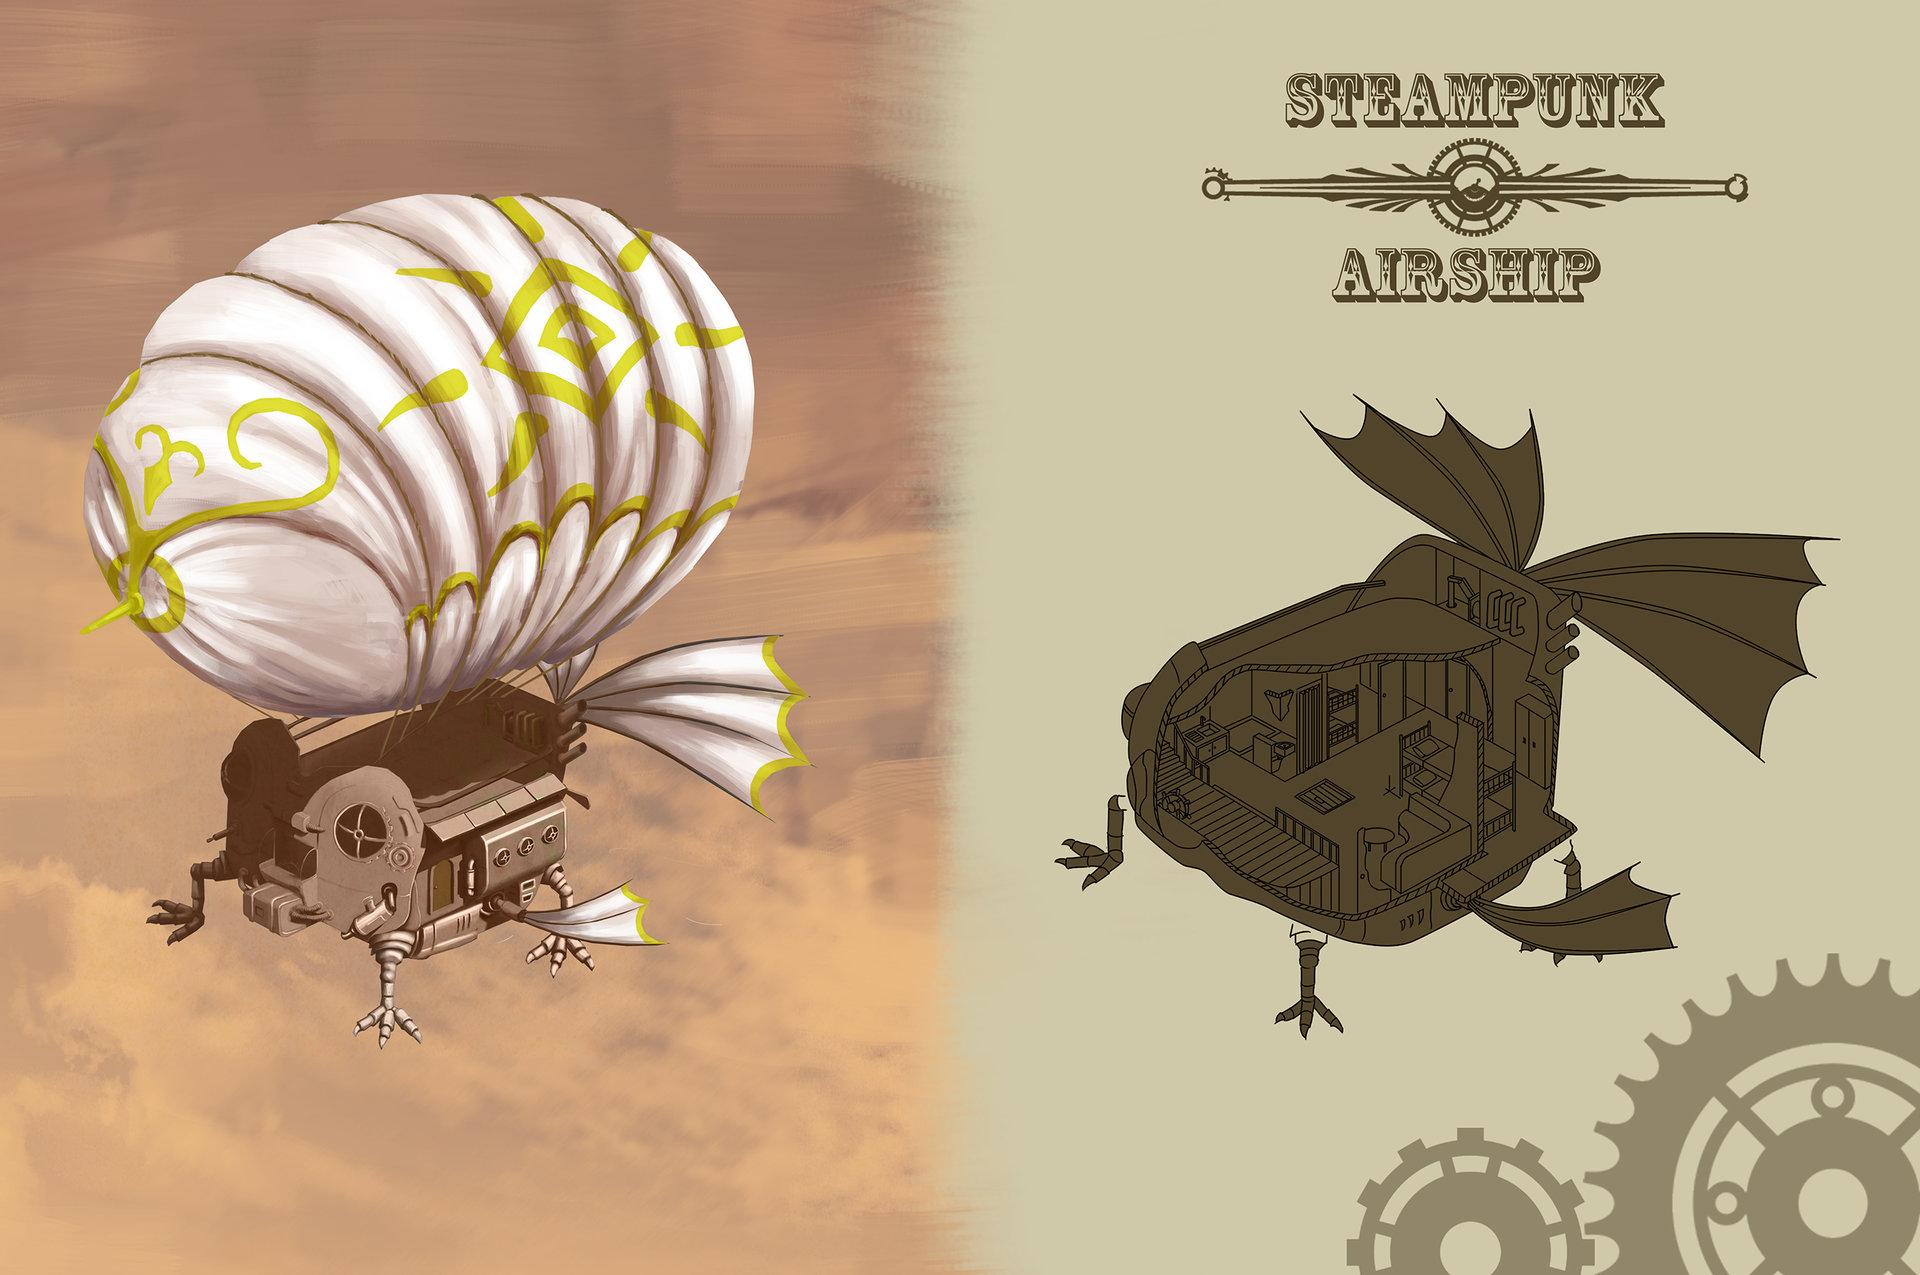 Concept Art Airship Steampunk